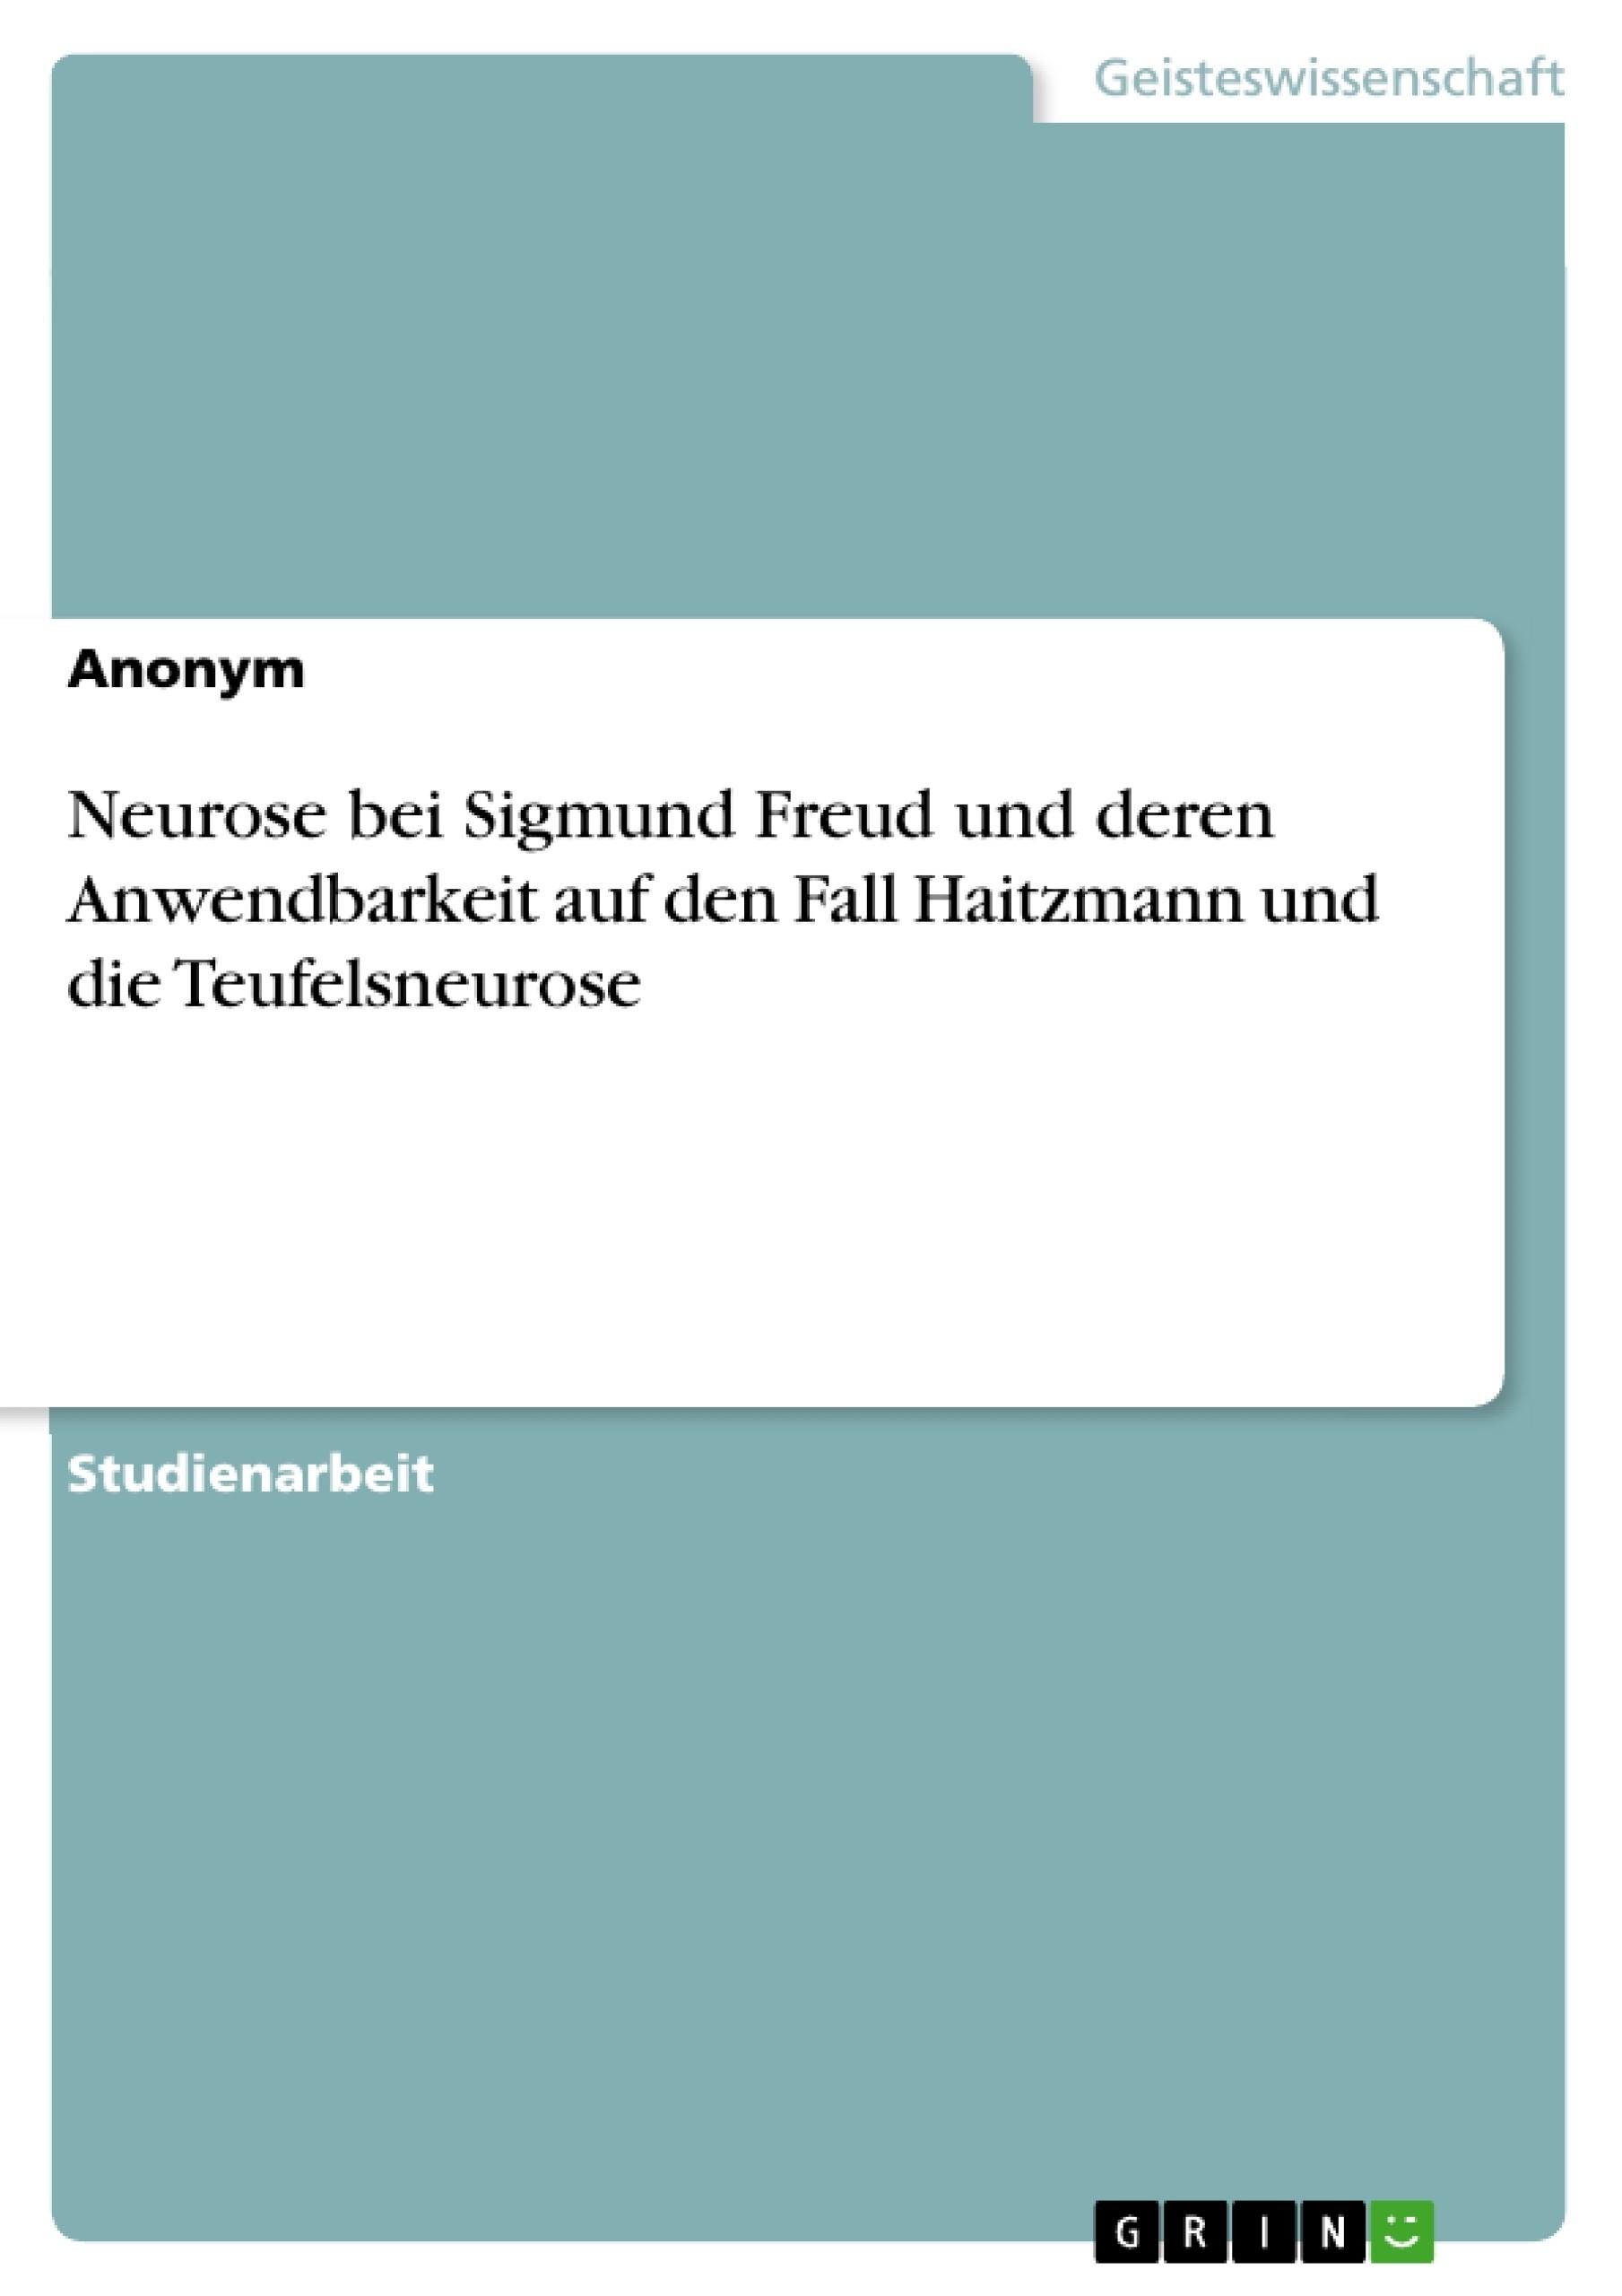 Titel: Neurose bei Sigmund Freud und deren Anwendbarkeit auf den Fall Haitzmann und die Teufelsneurose